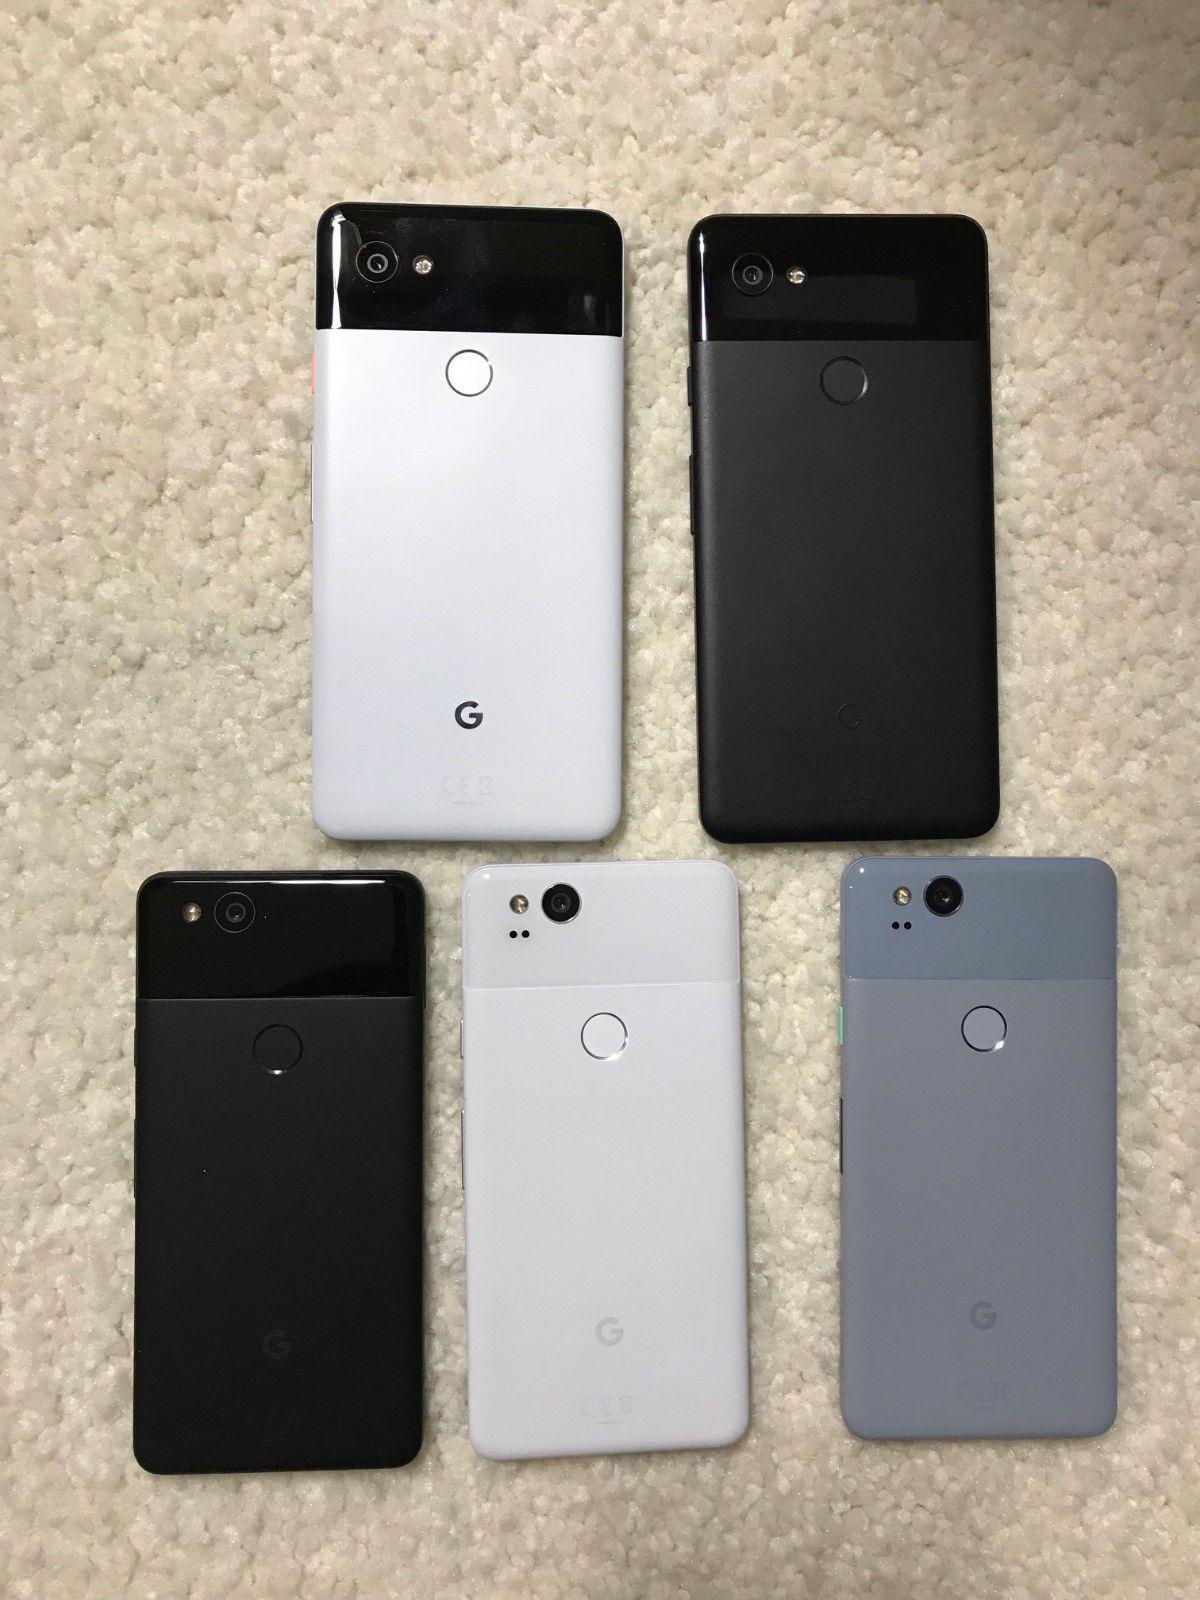 449 00   Google Pixel 2 / Pixel 2 XL Unlocked Smartphone